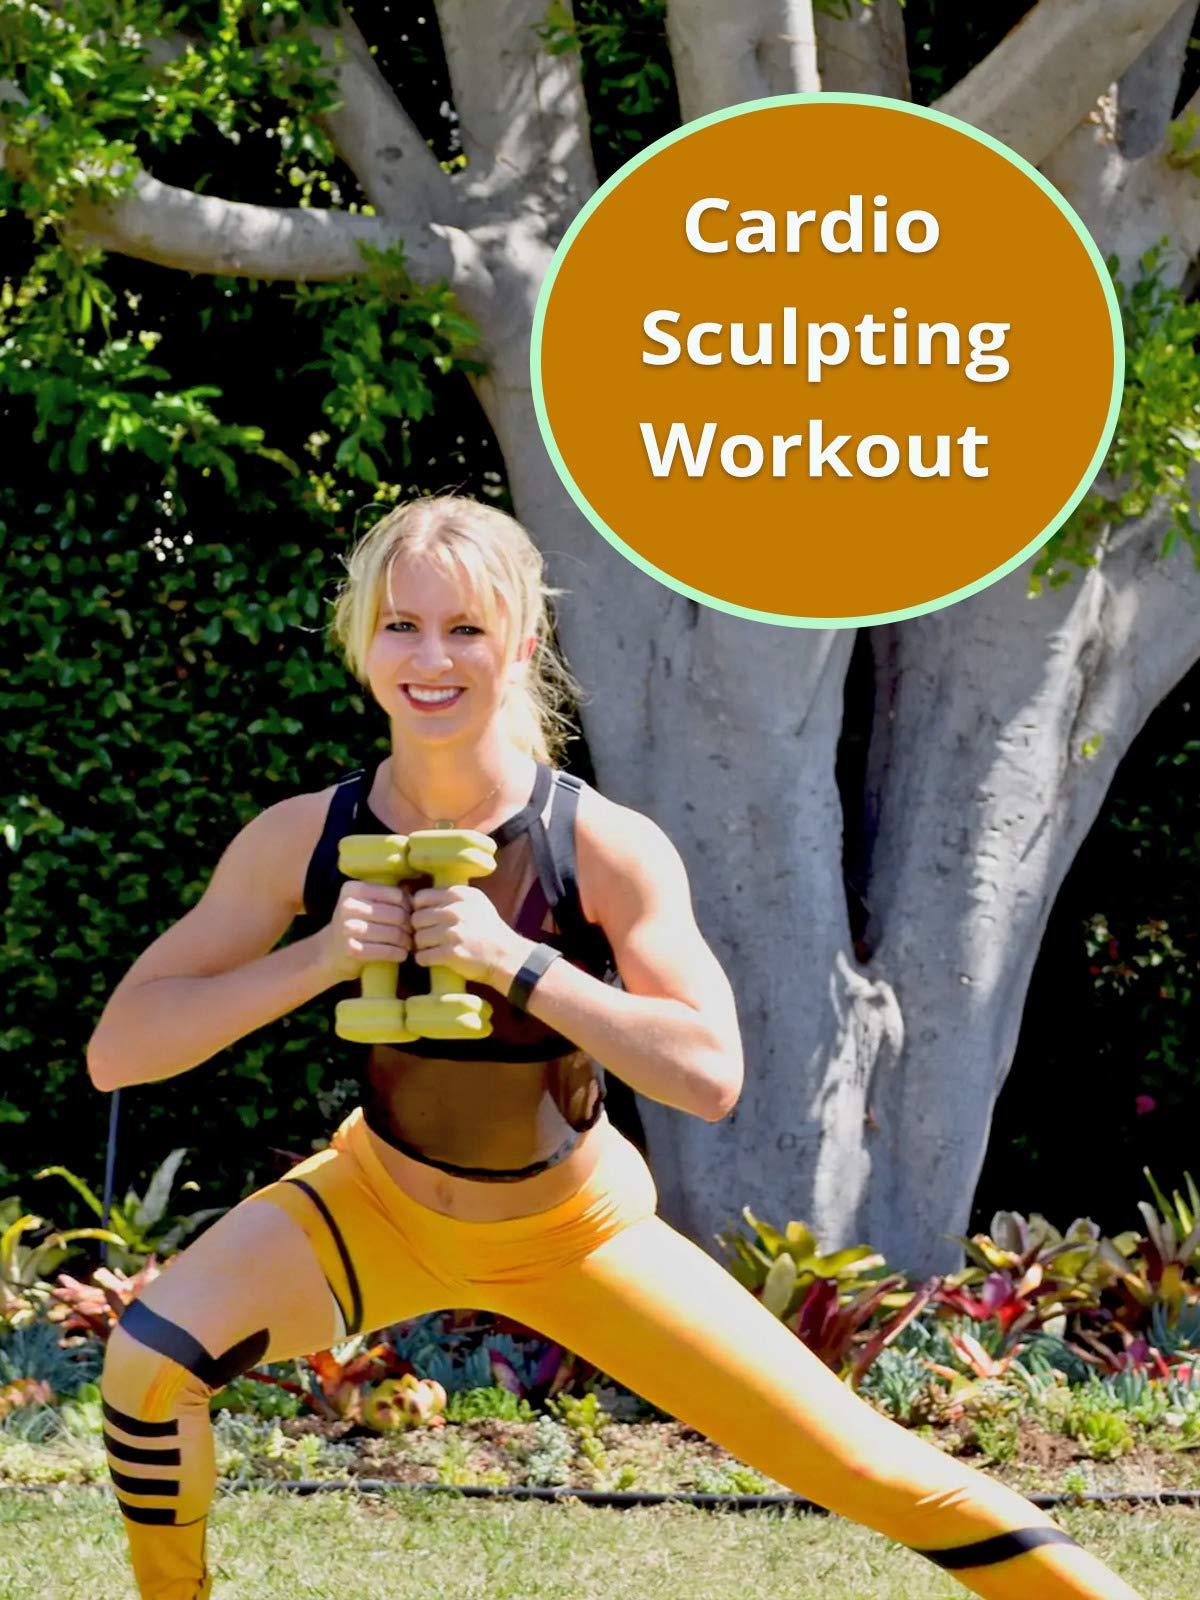 Cardio Sculpting Workout